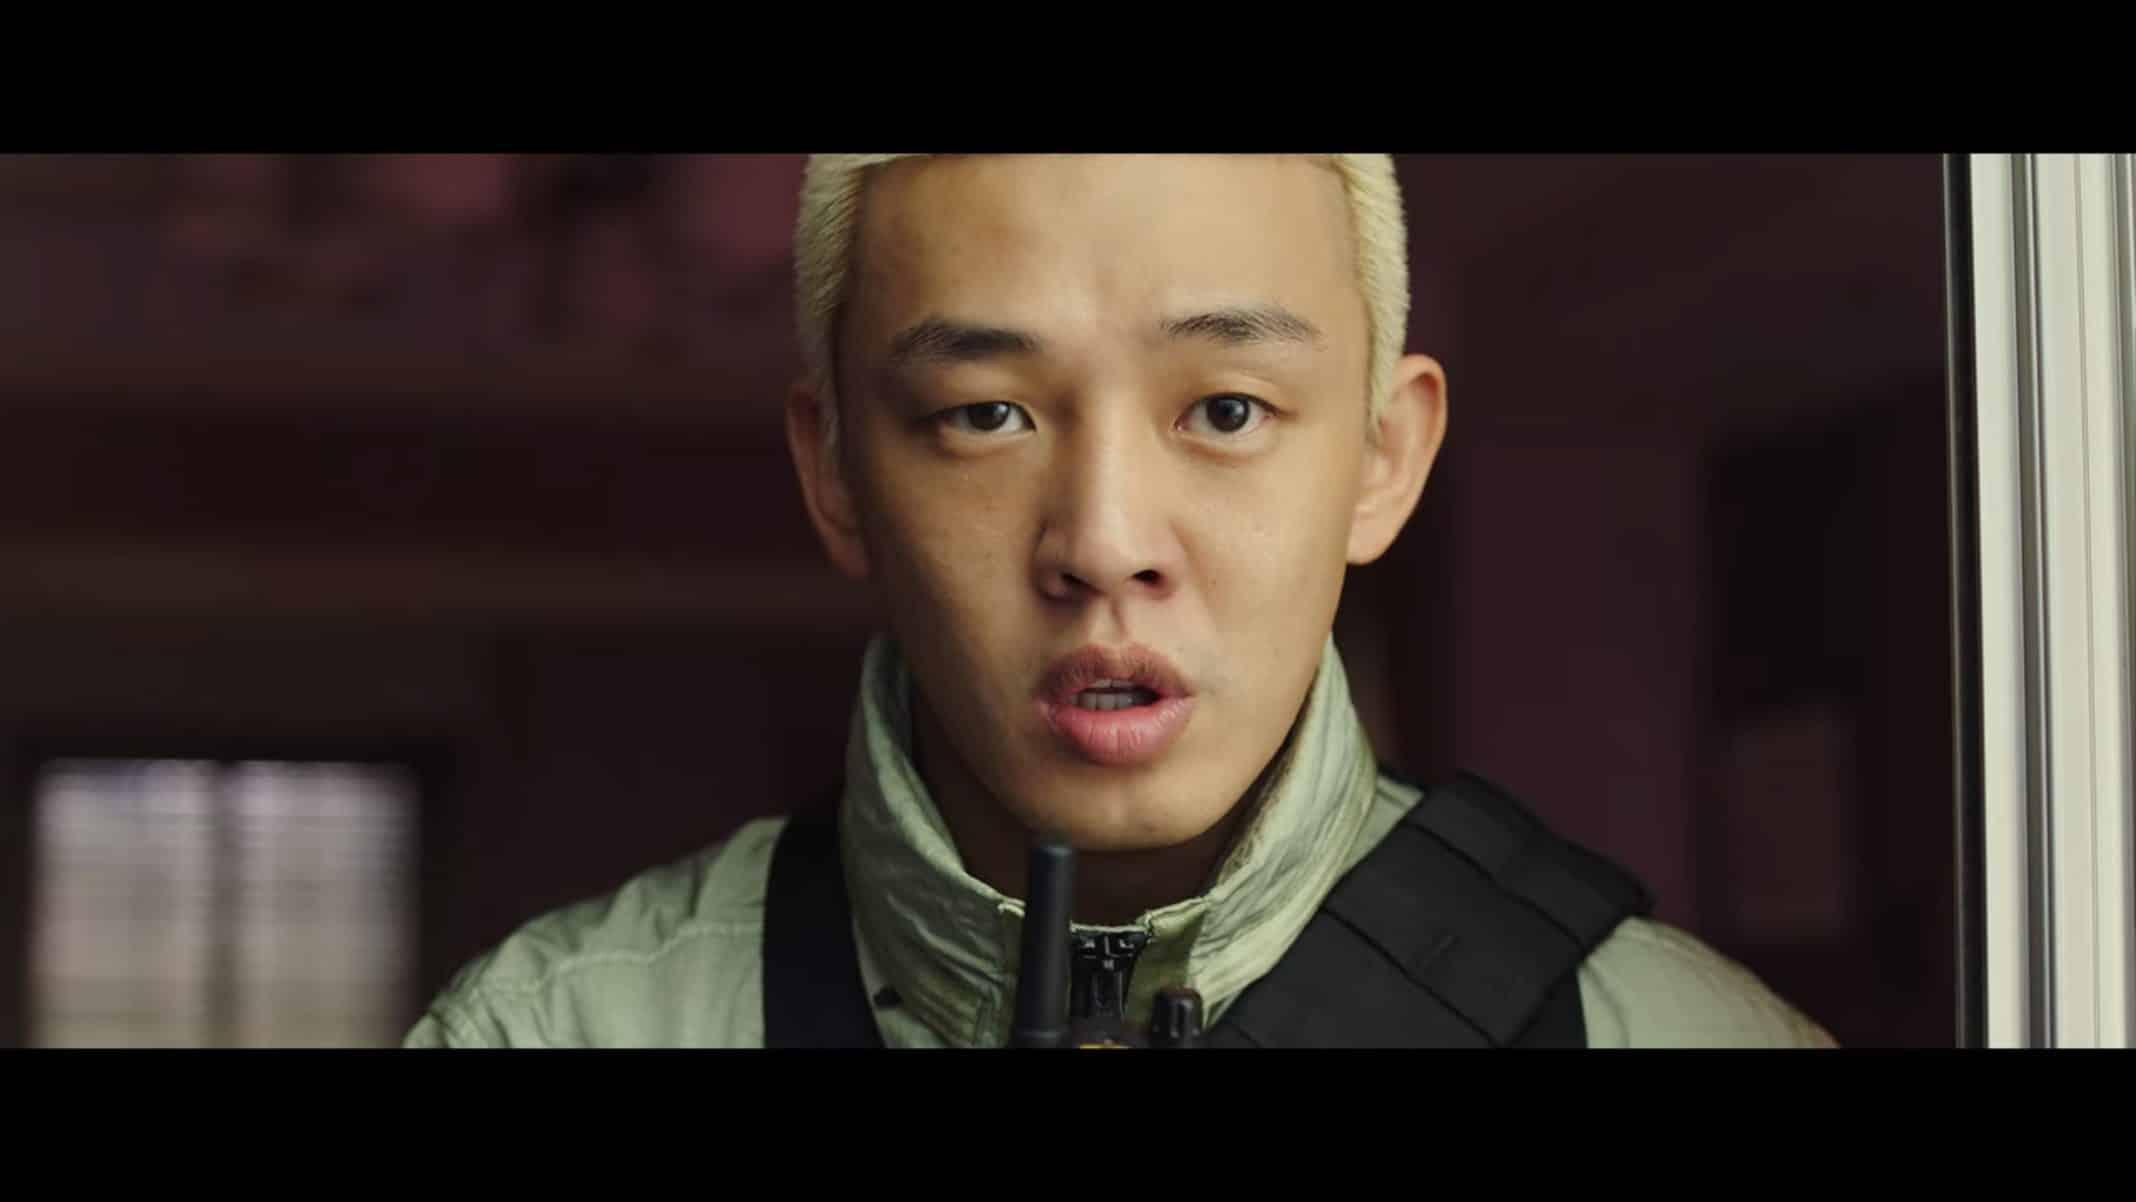 Jun-u (Ah-In Yoo)